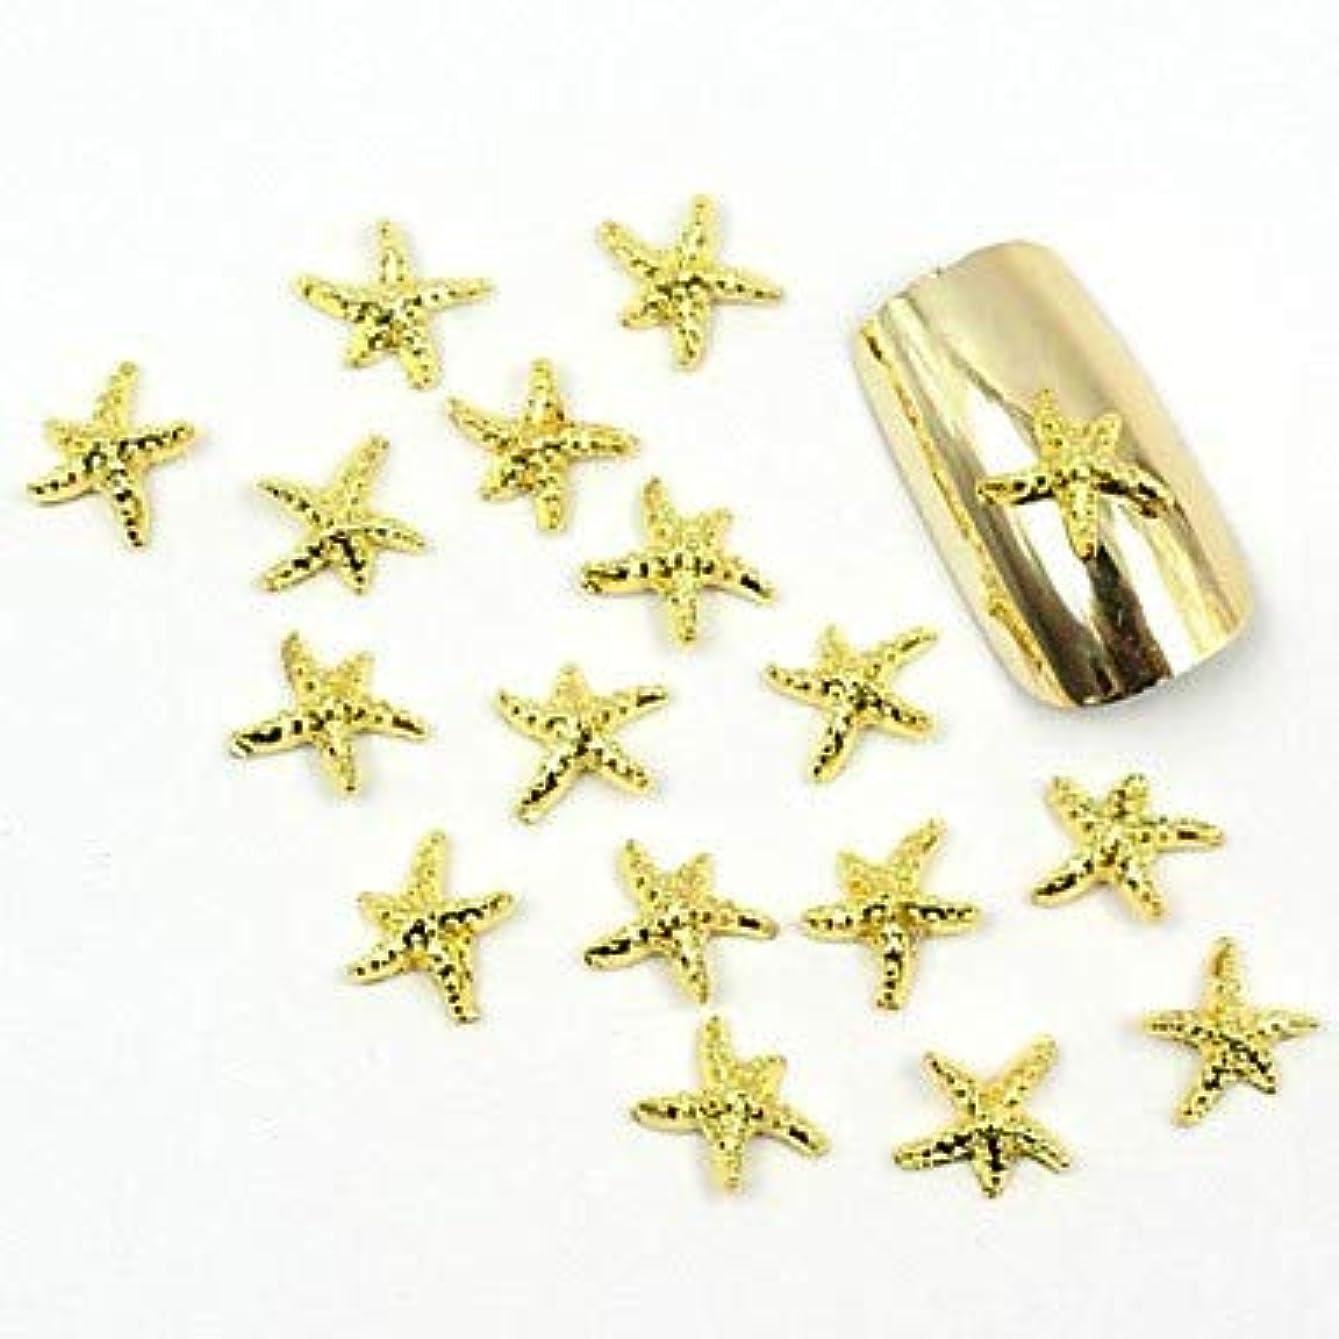 シネウィ結び目結晶偽アクリル型ネイルアートの装飾のための100個の3Dゴールドネイルジュエリーメタルスター